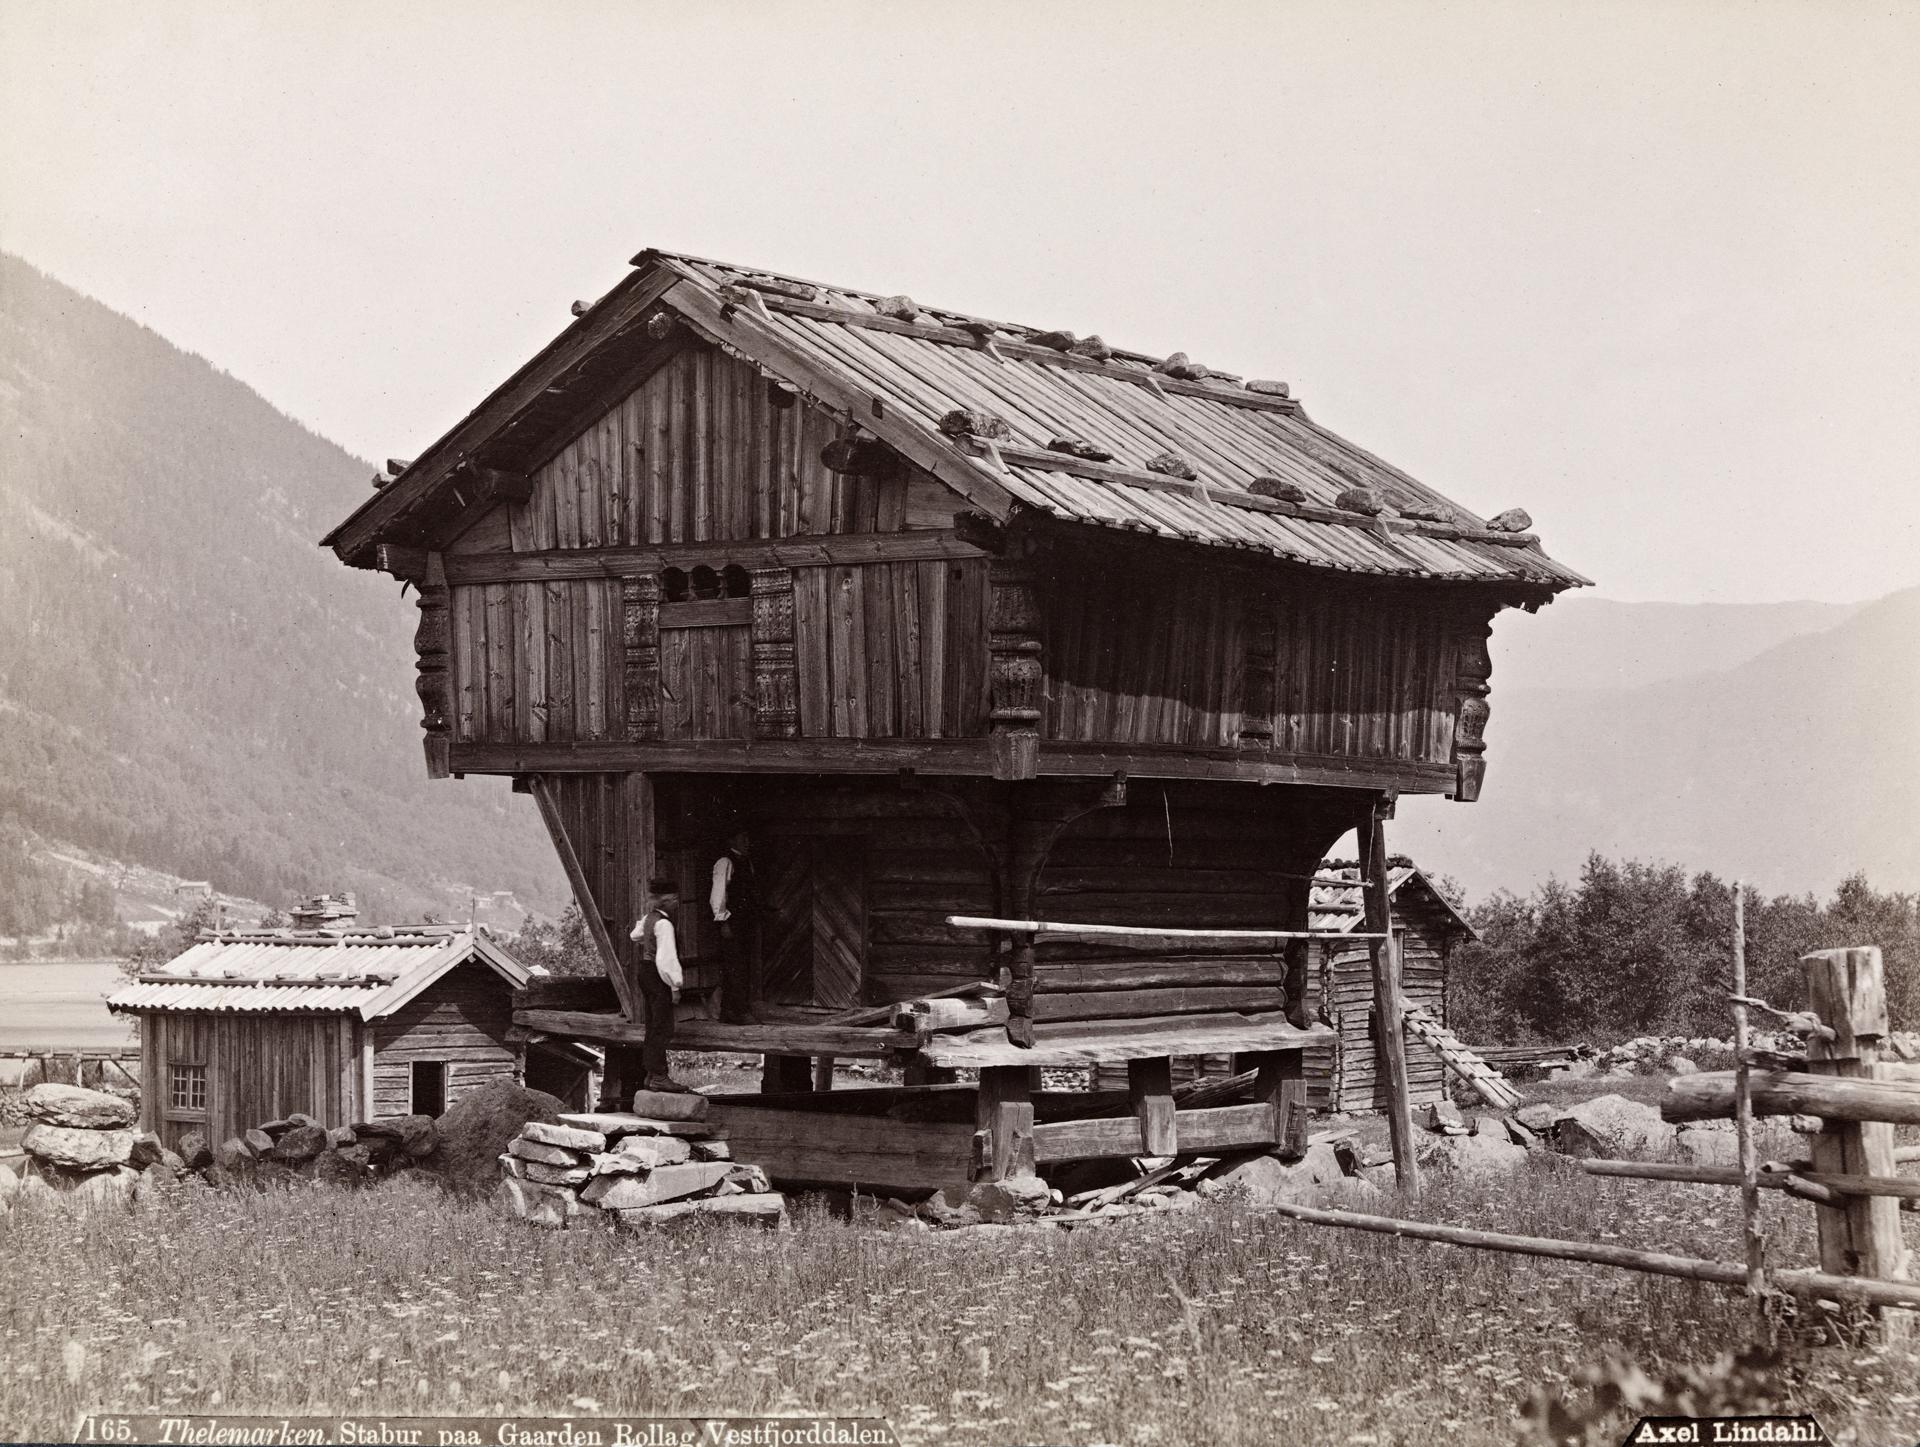 165. Thelemarken. Stabur paa Gaarden Rollag, Vestfjorddalen